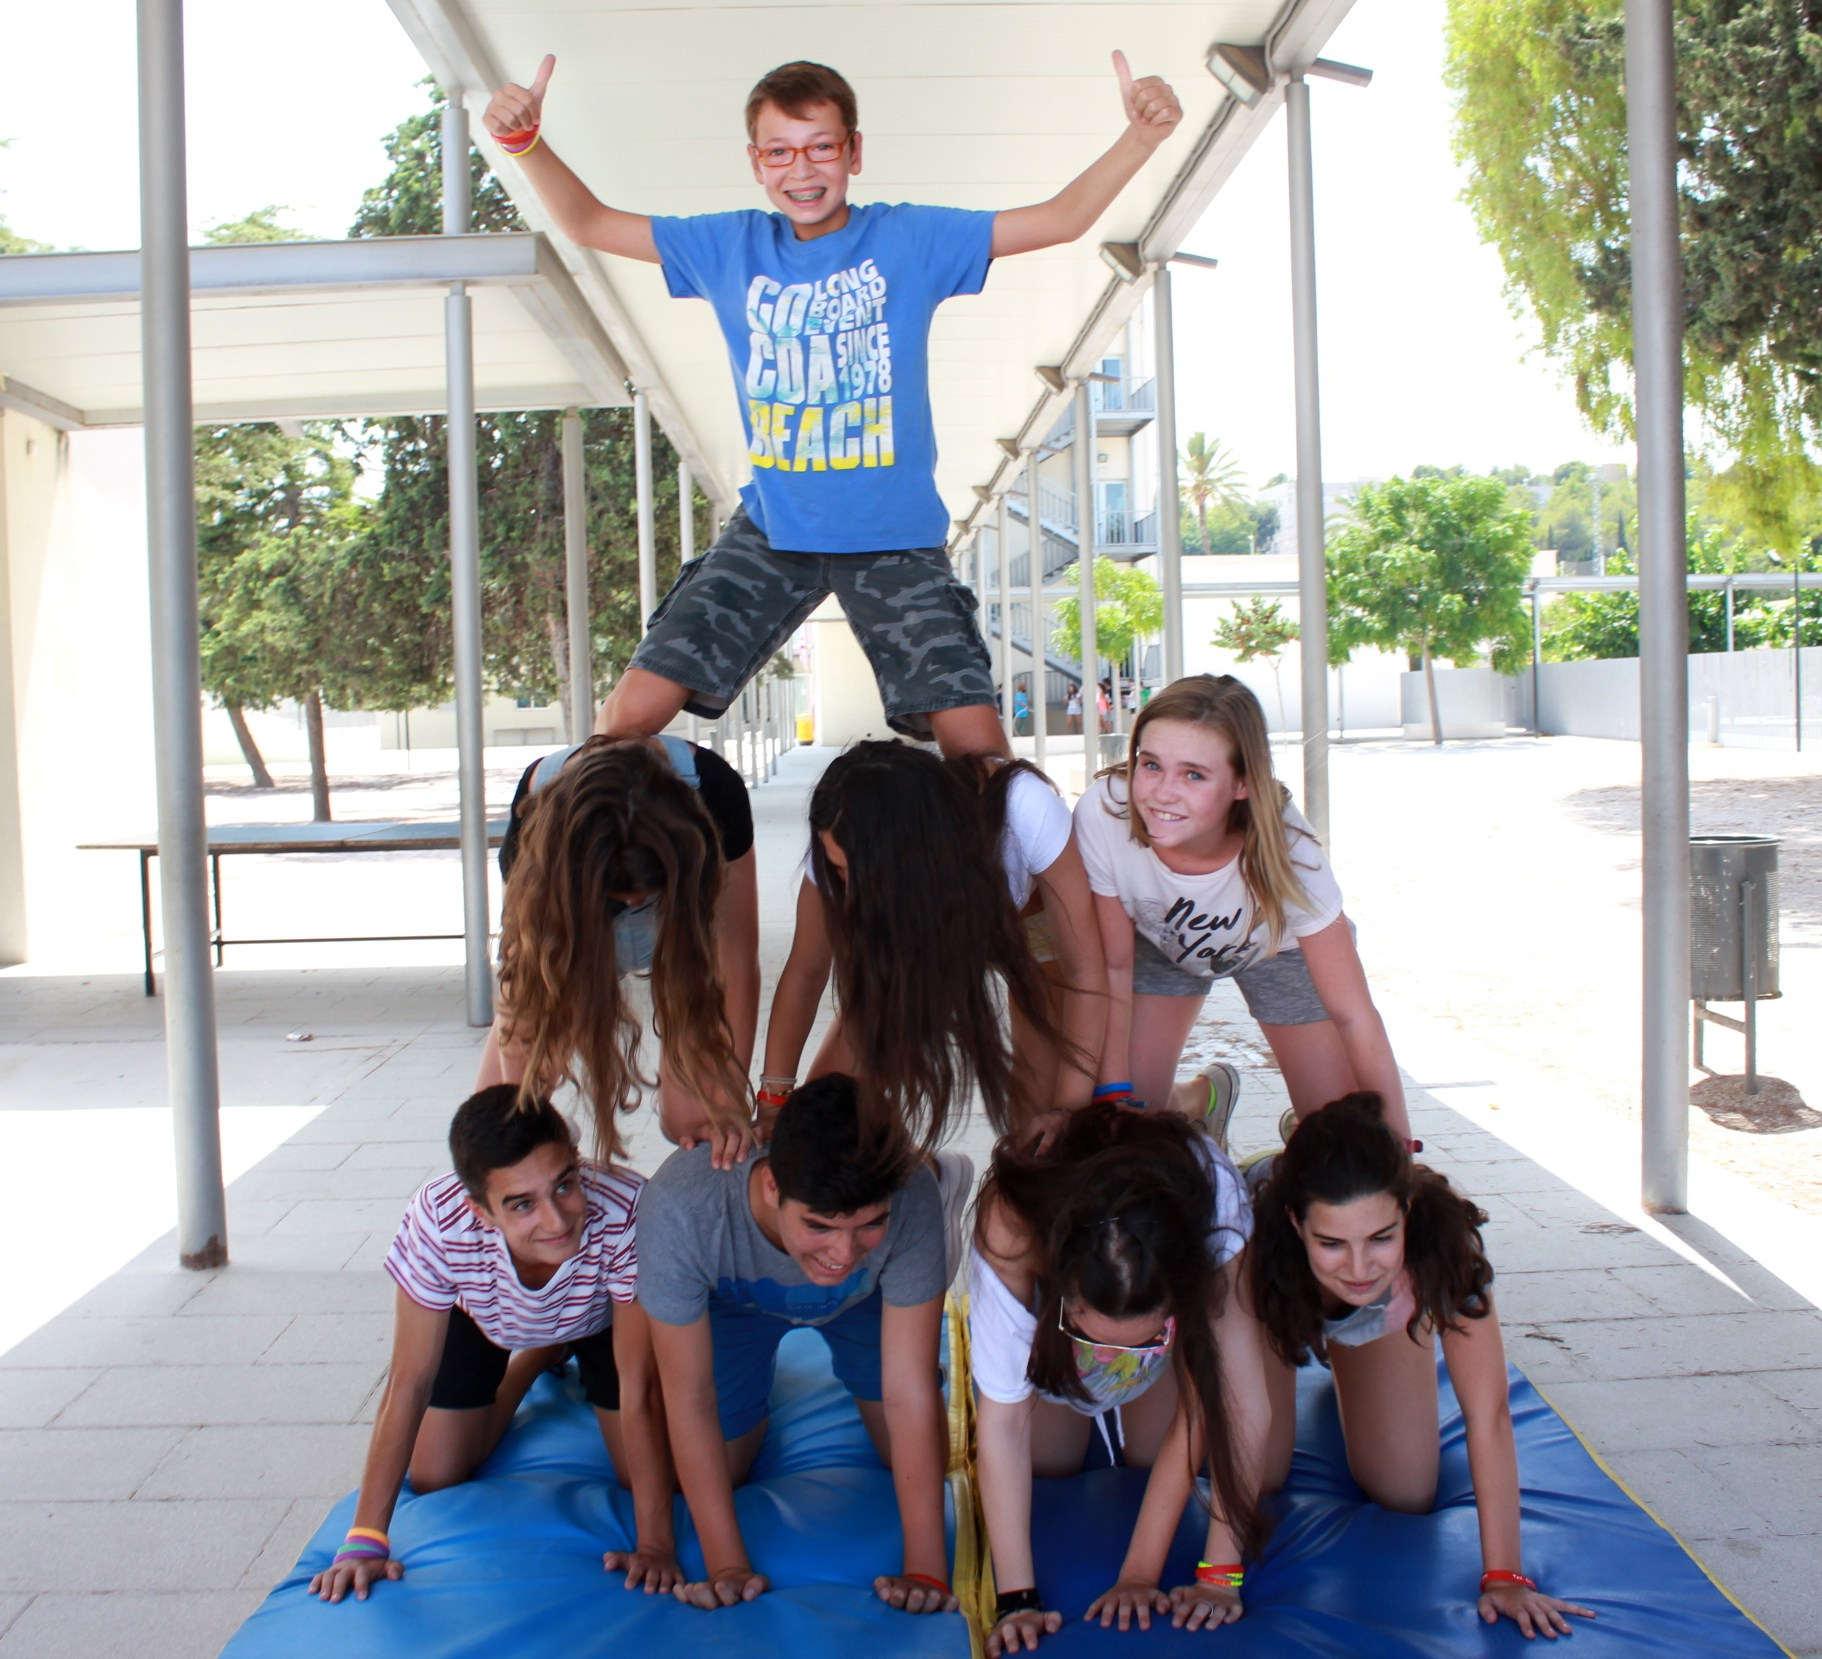 actividades-summer-school-verano-12-1